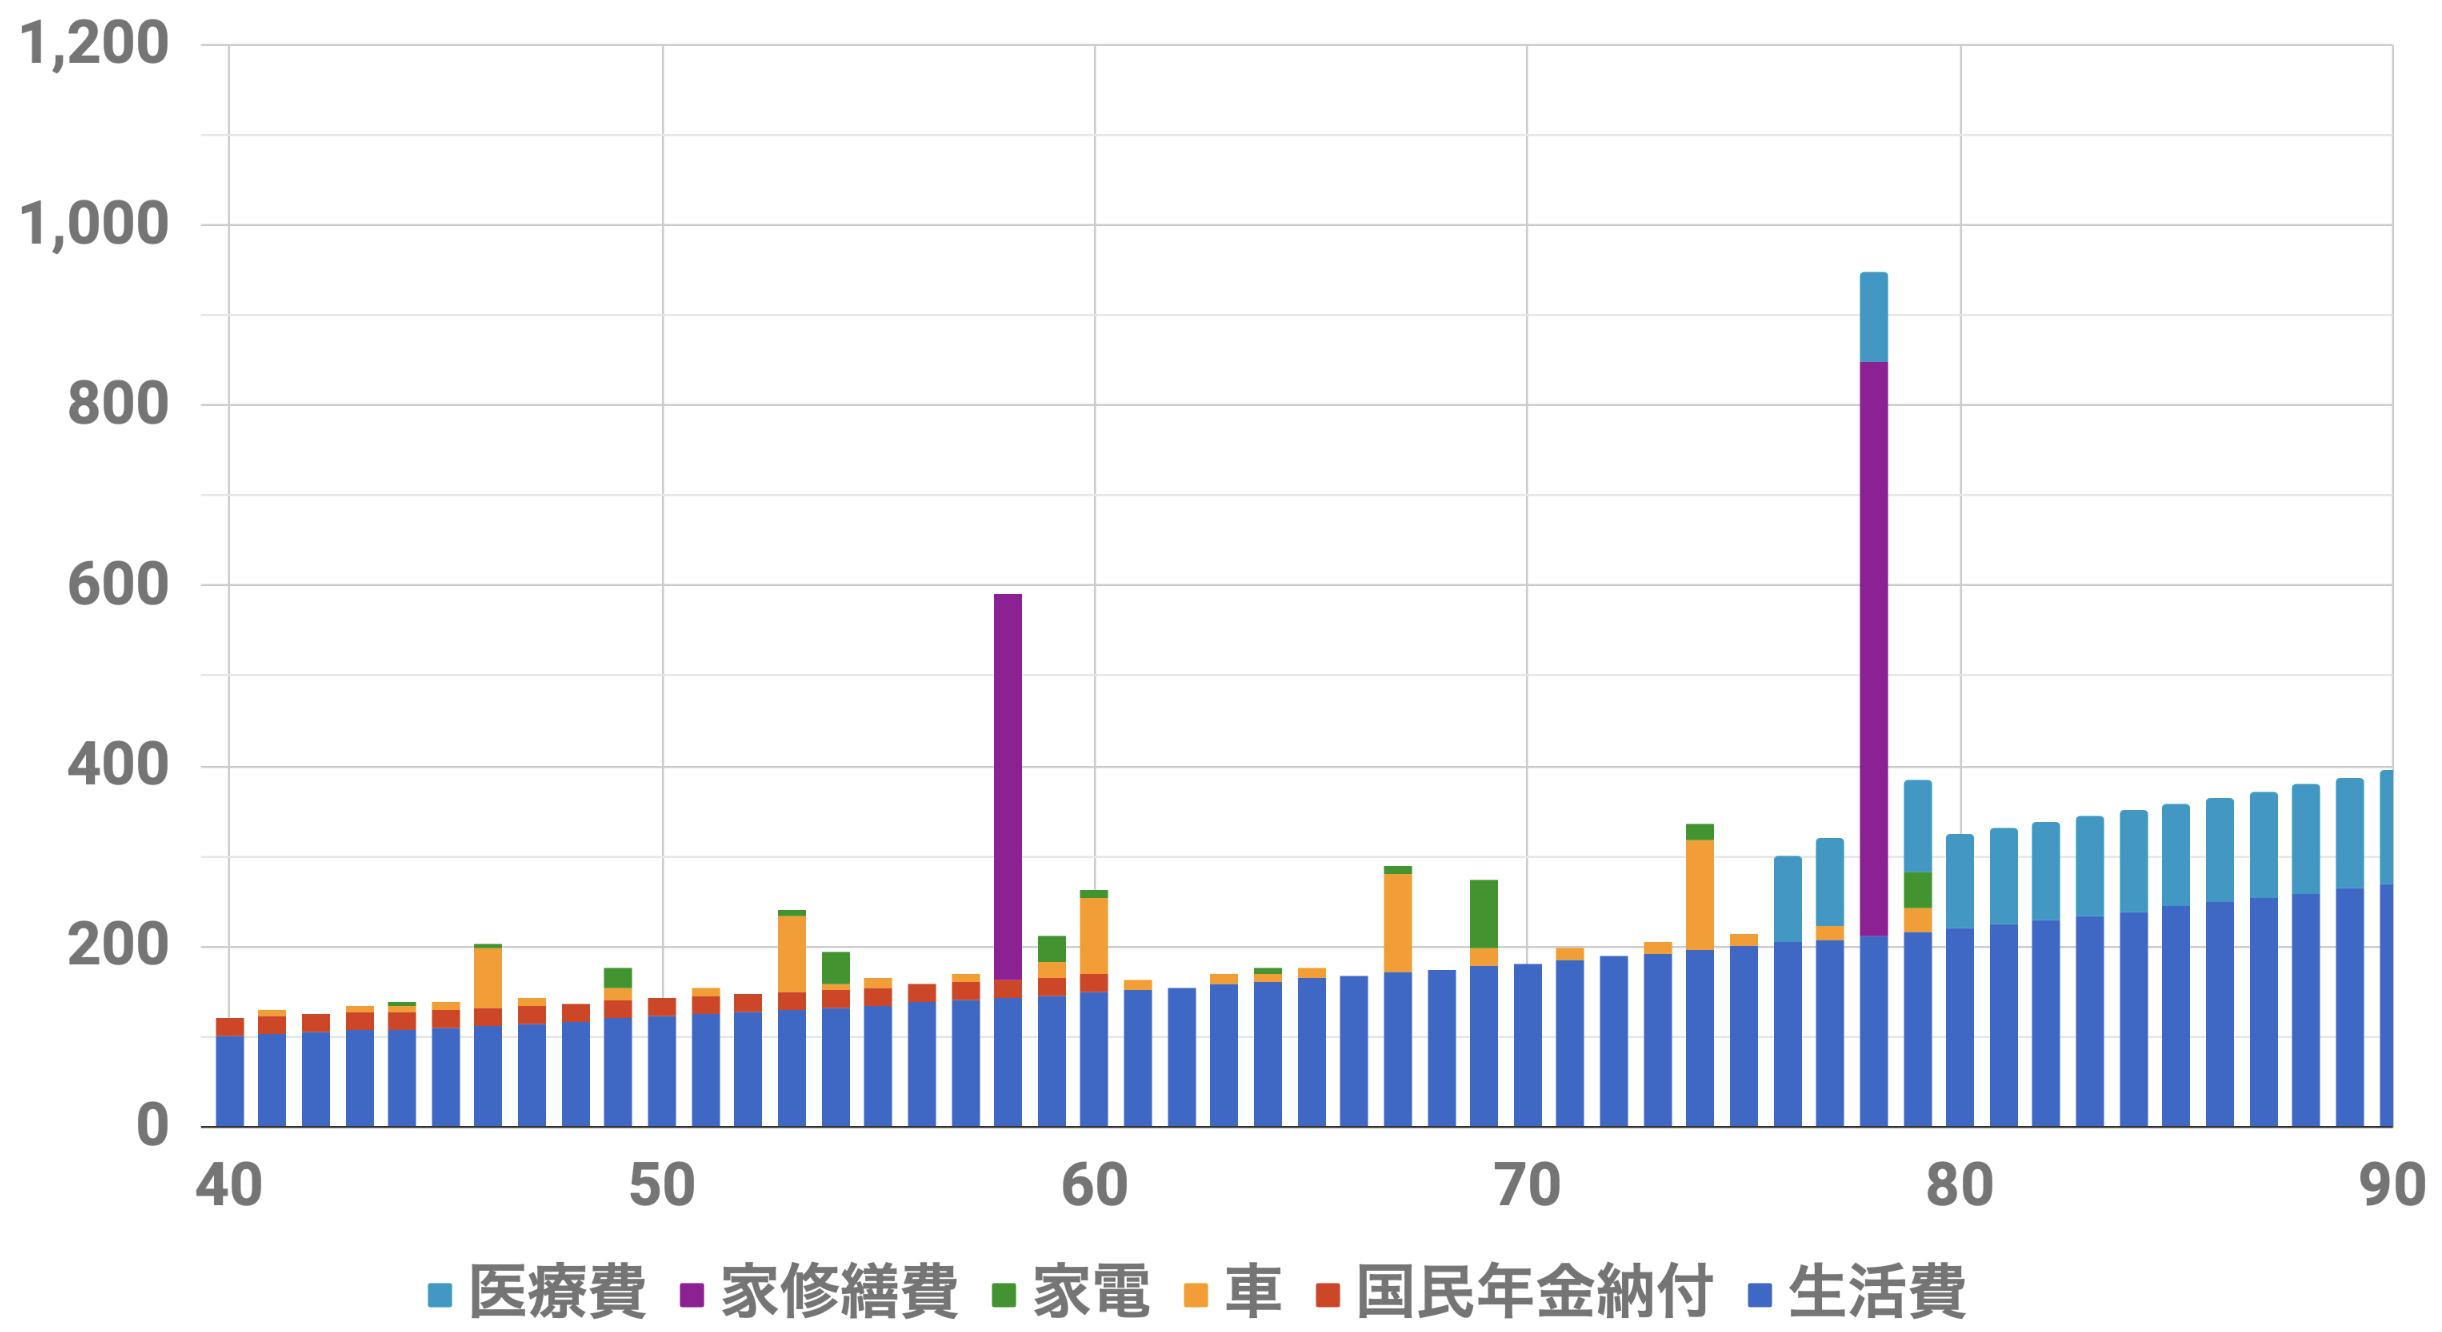 40歳9000万円支出シミュレーション(Level2)インフレ率2%